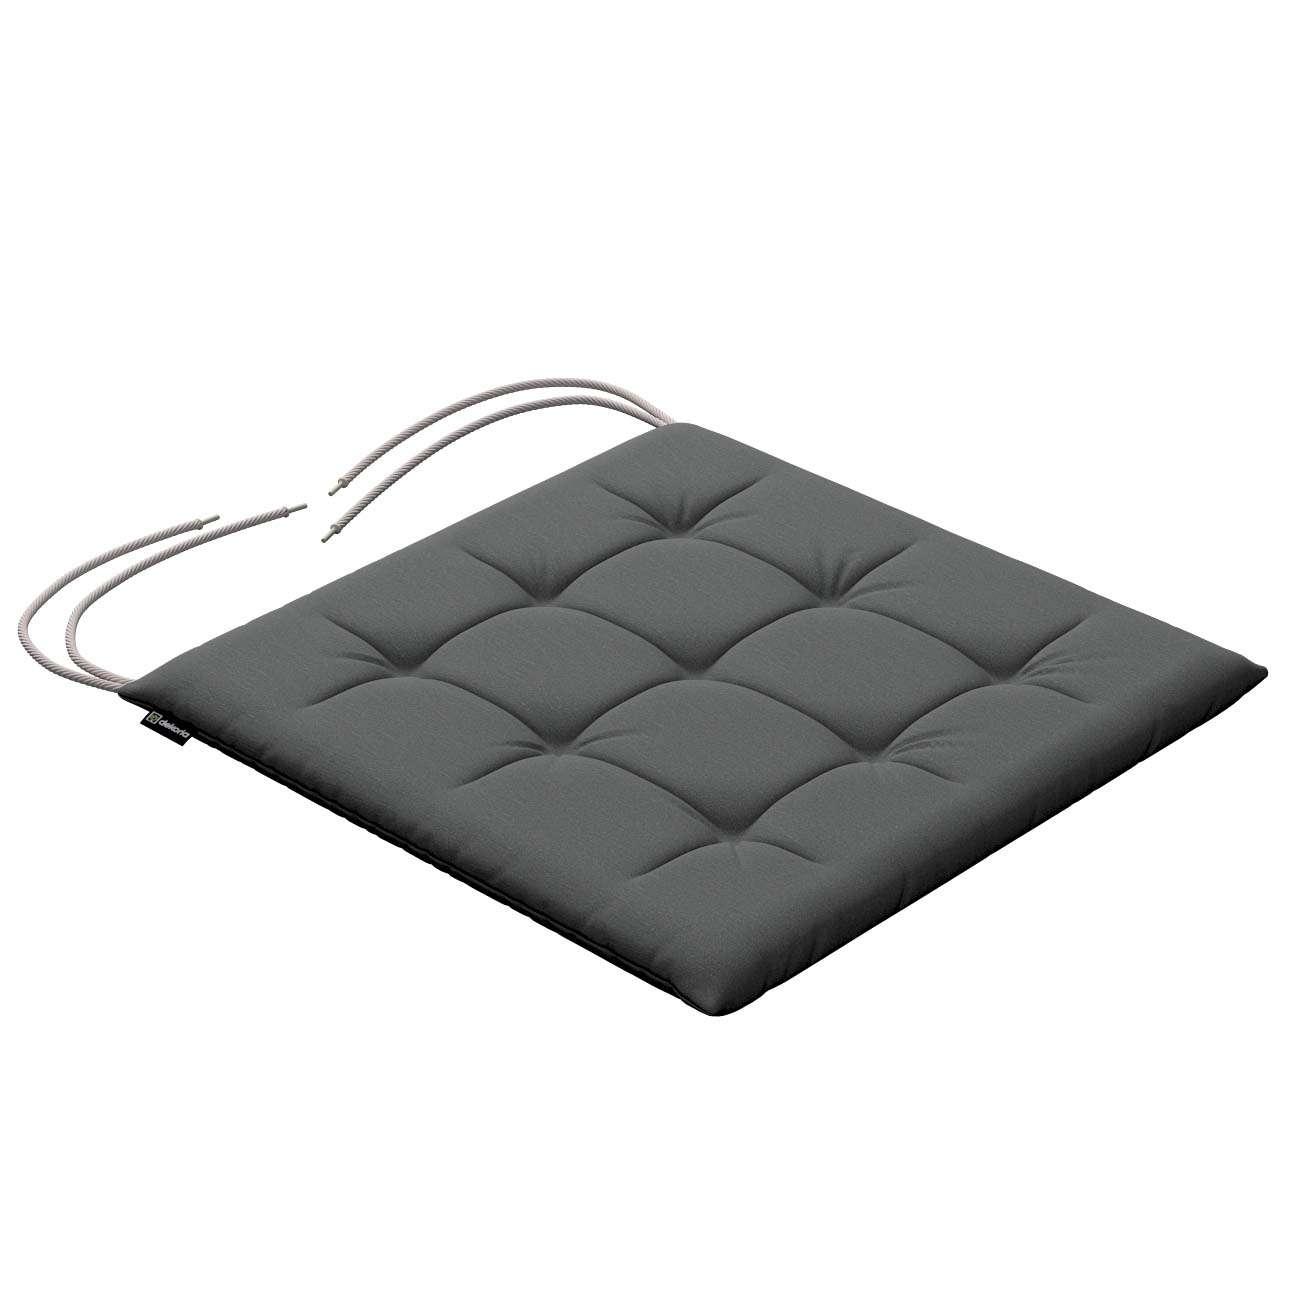 Siedzisko Karol na krzesło 40x40x3,5cm w kolekcji Quadro, tkanina: 136-14